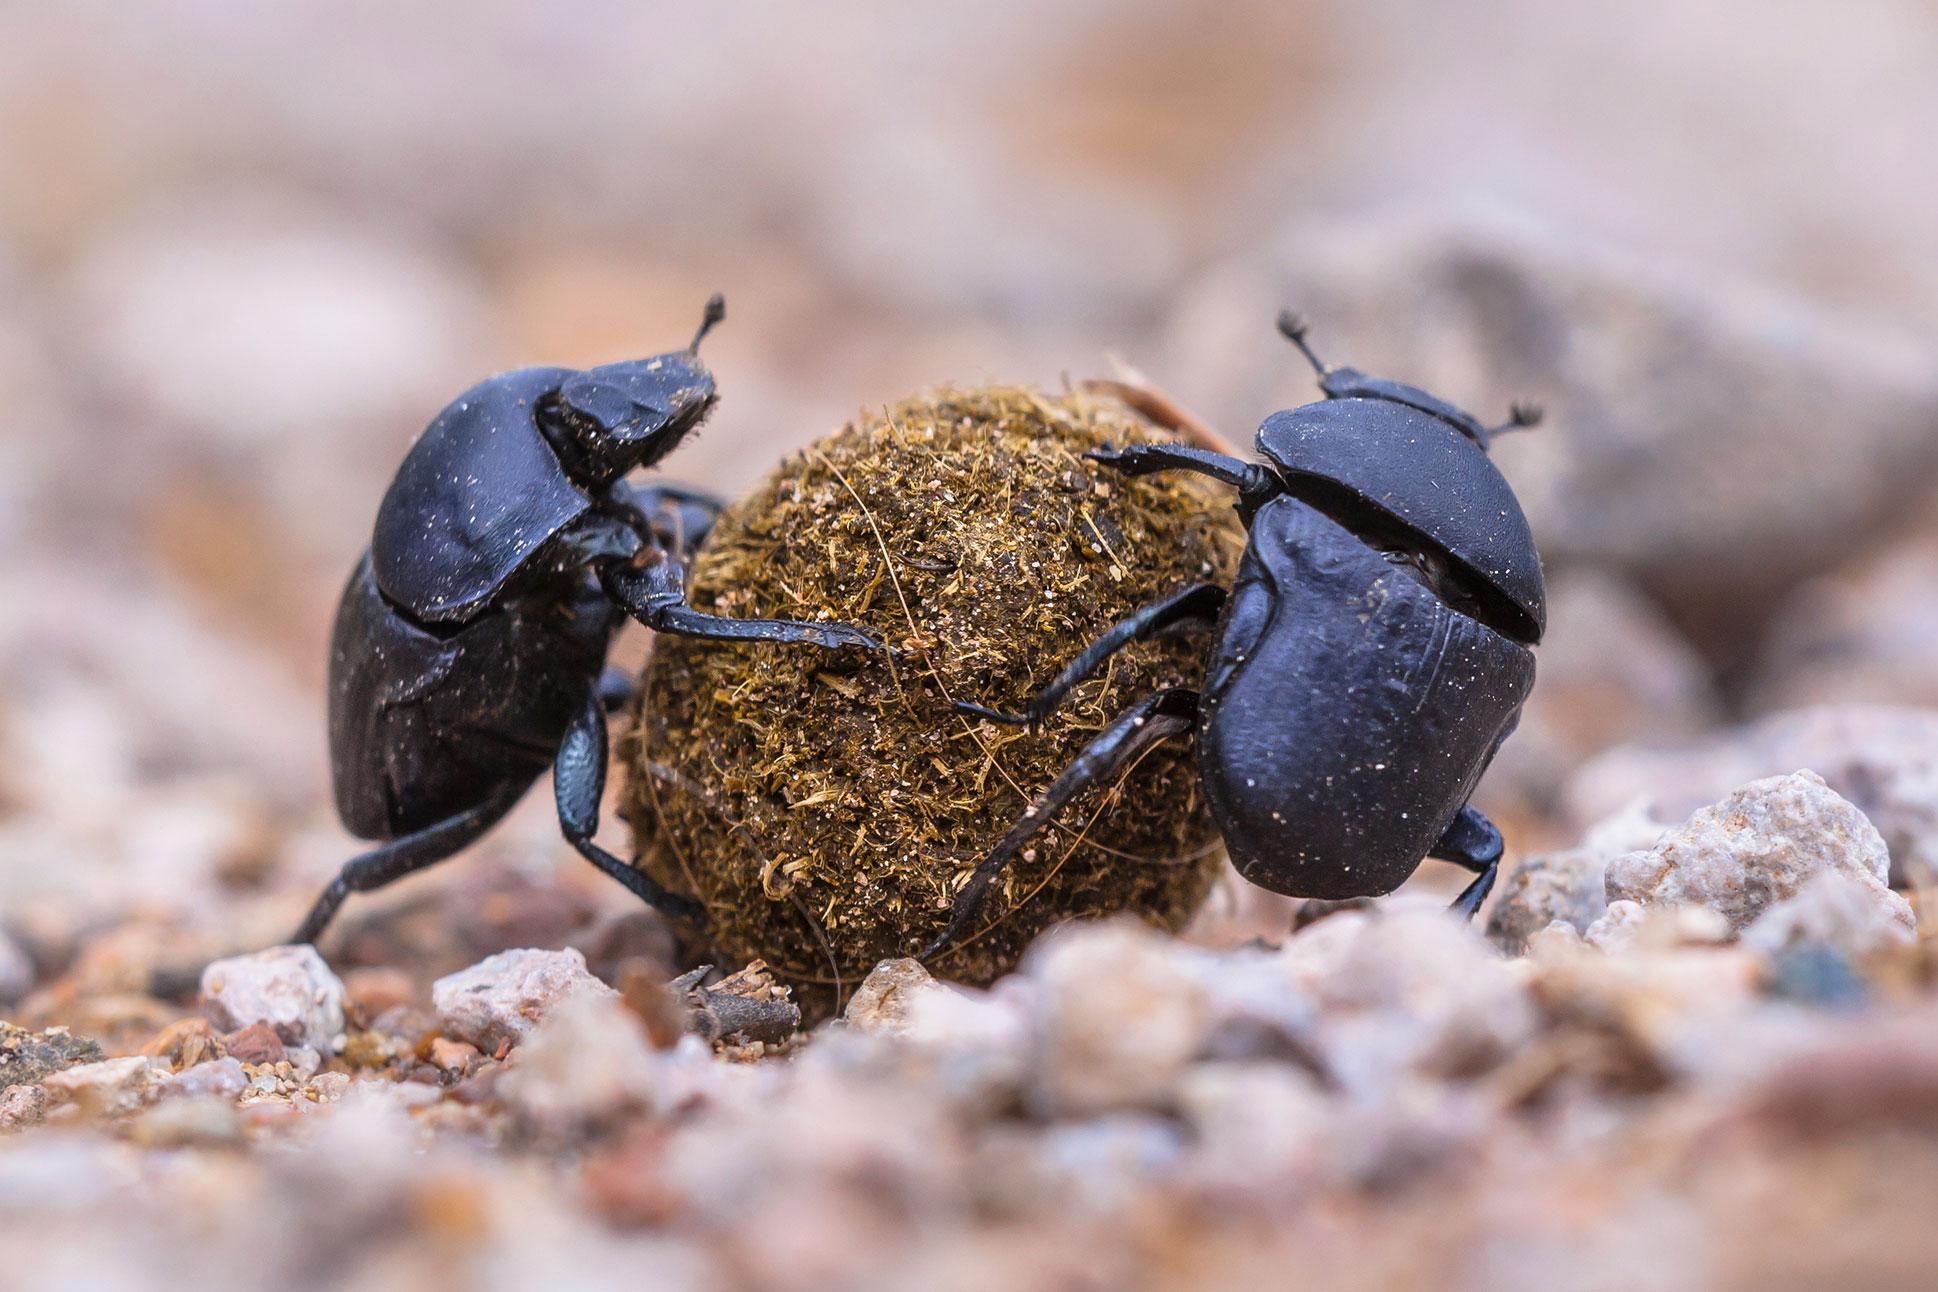 Dyngbaggar-istock-867117764